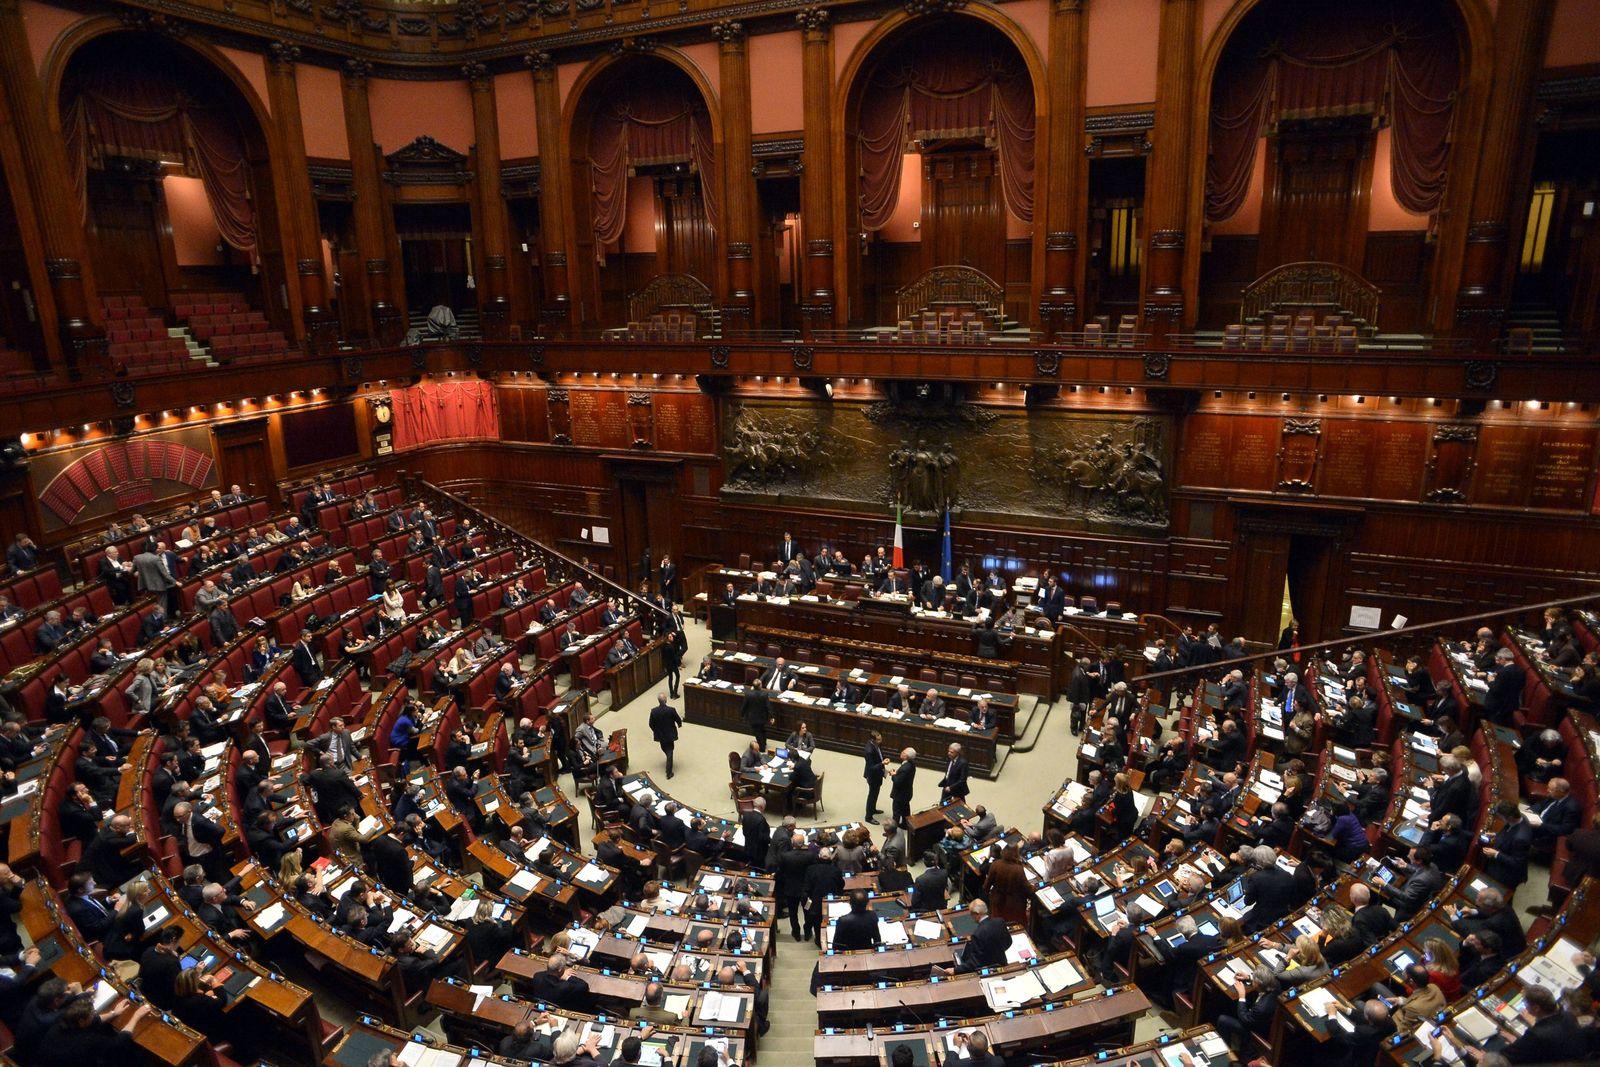 ITALY-POLITICS-LOWER HOUSE-VOTE